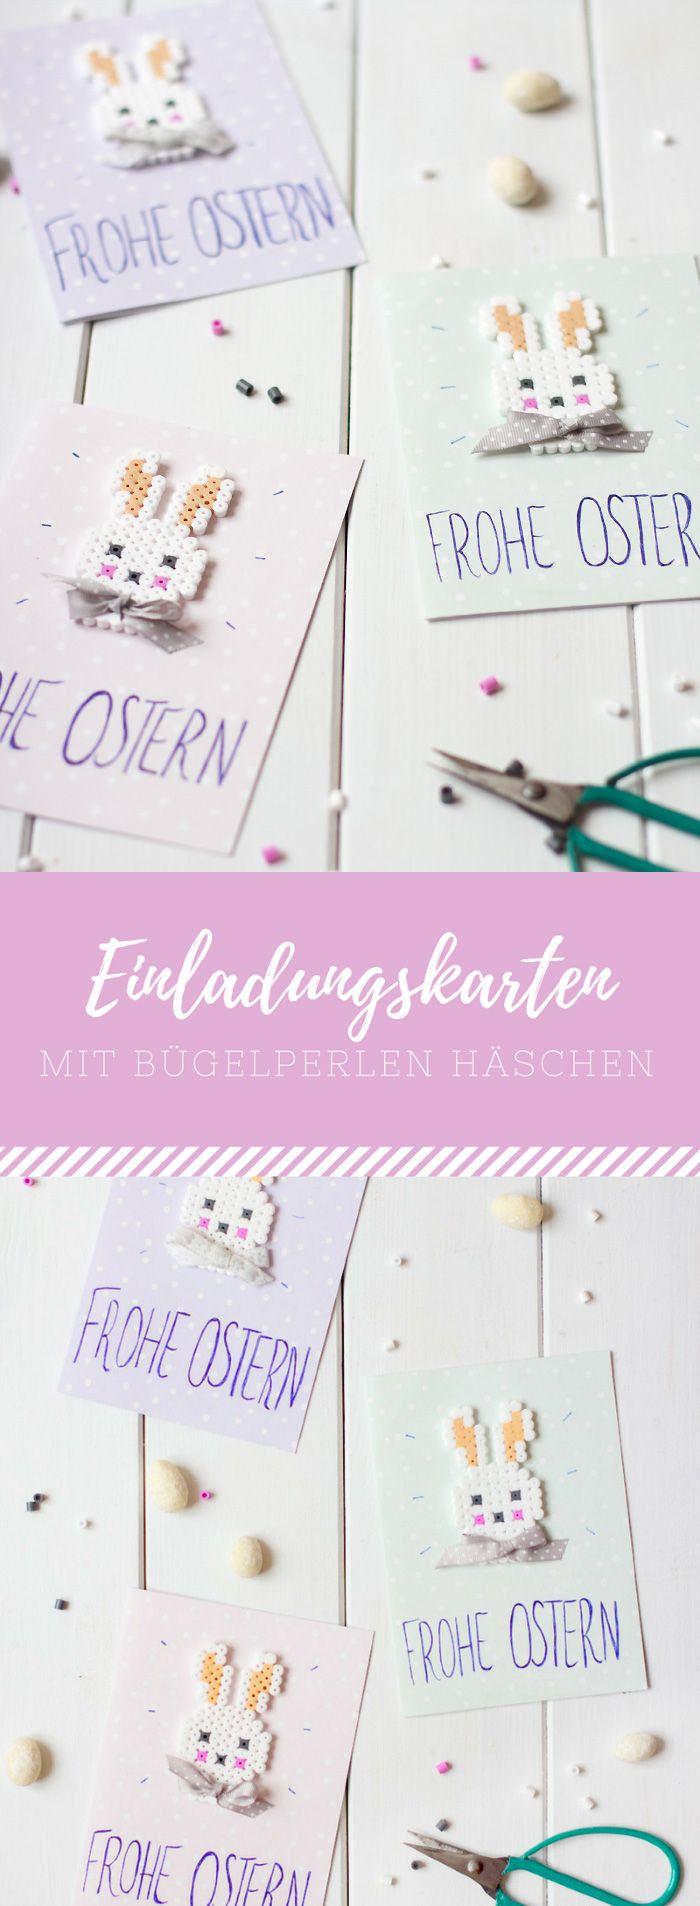 Einladungskarten, Grußkarten mit Bügelperlen oder Hama-Perlen Häschen/Osterhasen. Perfekte Karten DIY für Ostern #schneiderpen #werbung